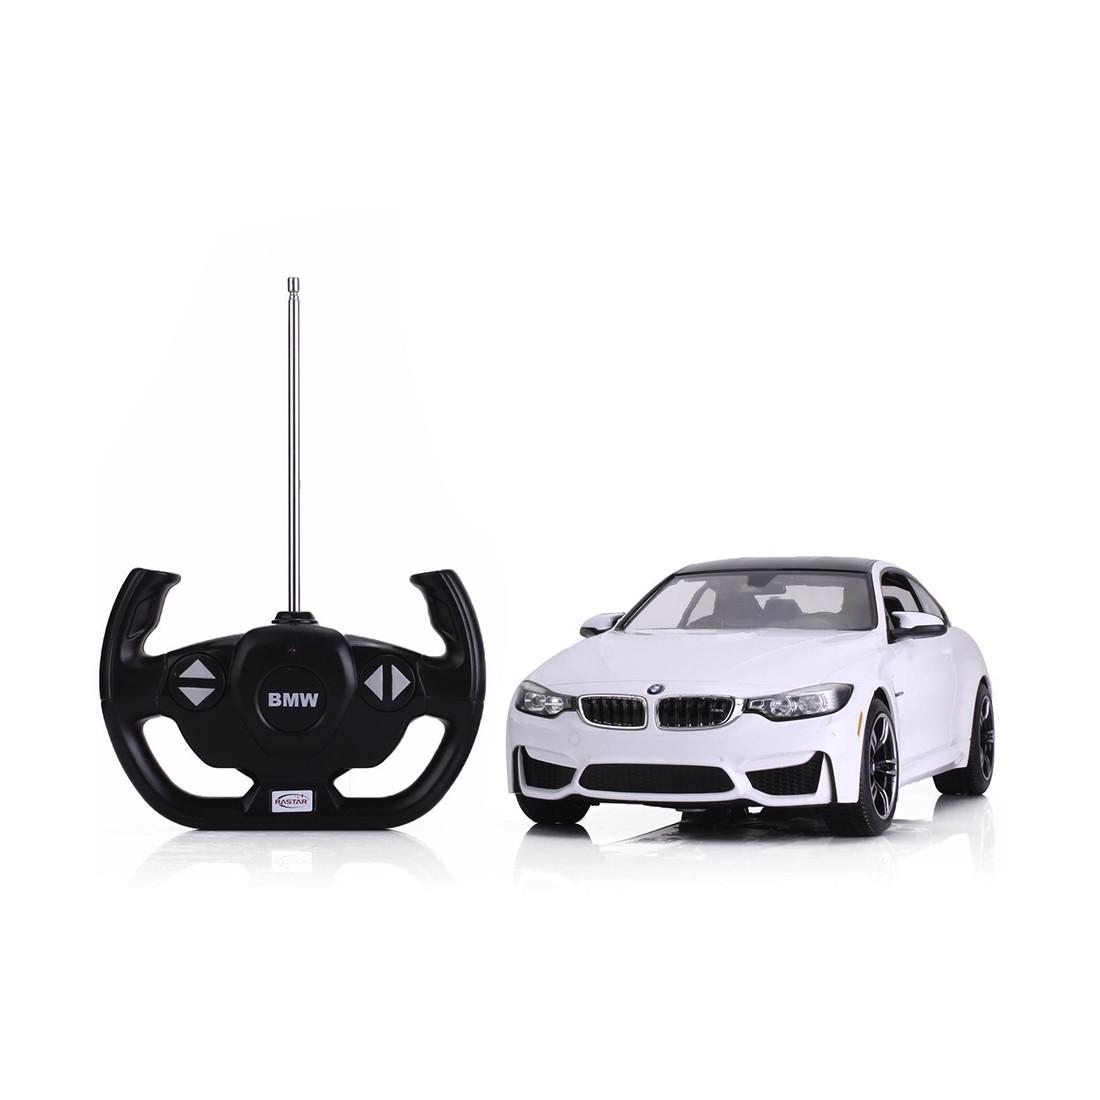 Радиоуправляемая машина RASTAR 70900W 1:14 BMW M4 Пластик 27 Mhz Белый